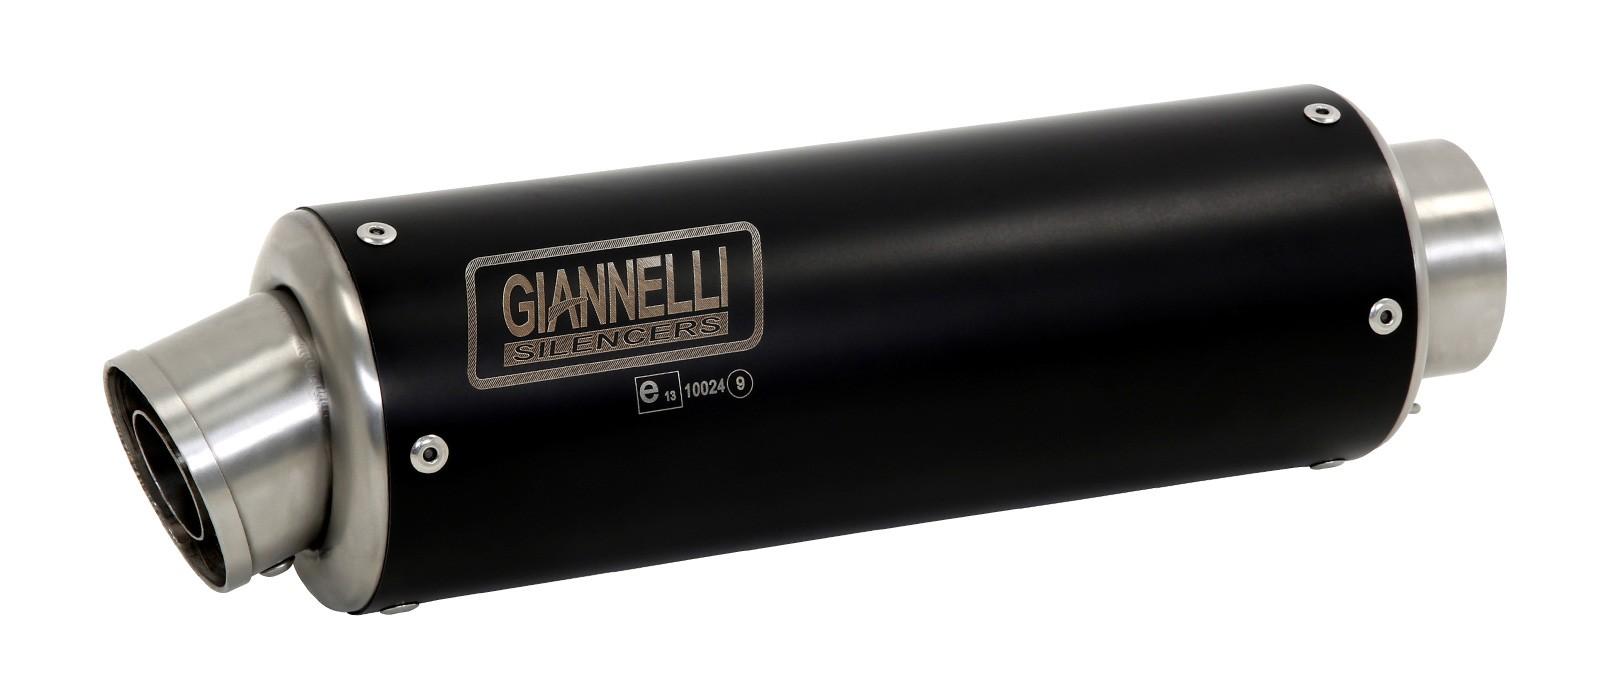 ESCAPES GIANNELLI DUCATI - Sistema completo nicrom black X-PRO Ducati MULTISTRADA 1200 / 1200S Giannelli 73507XP -